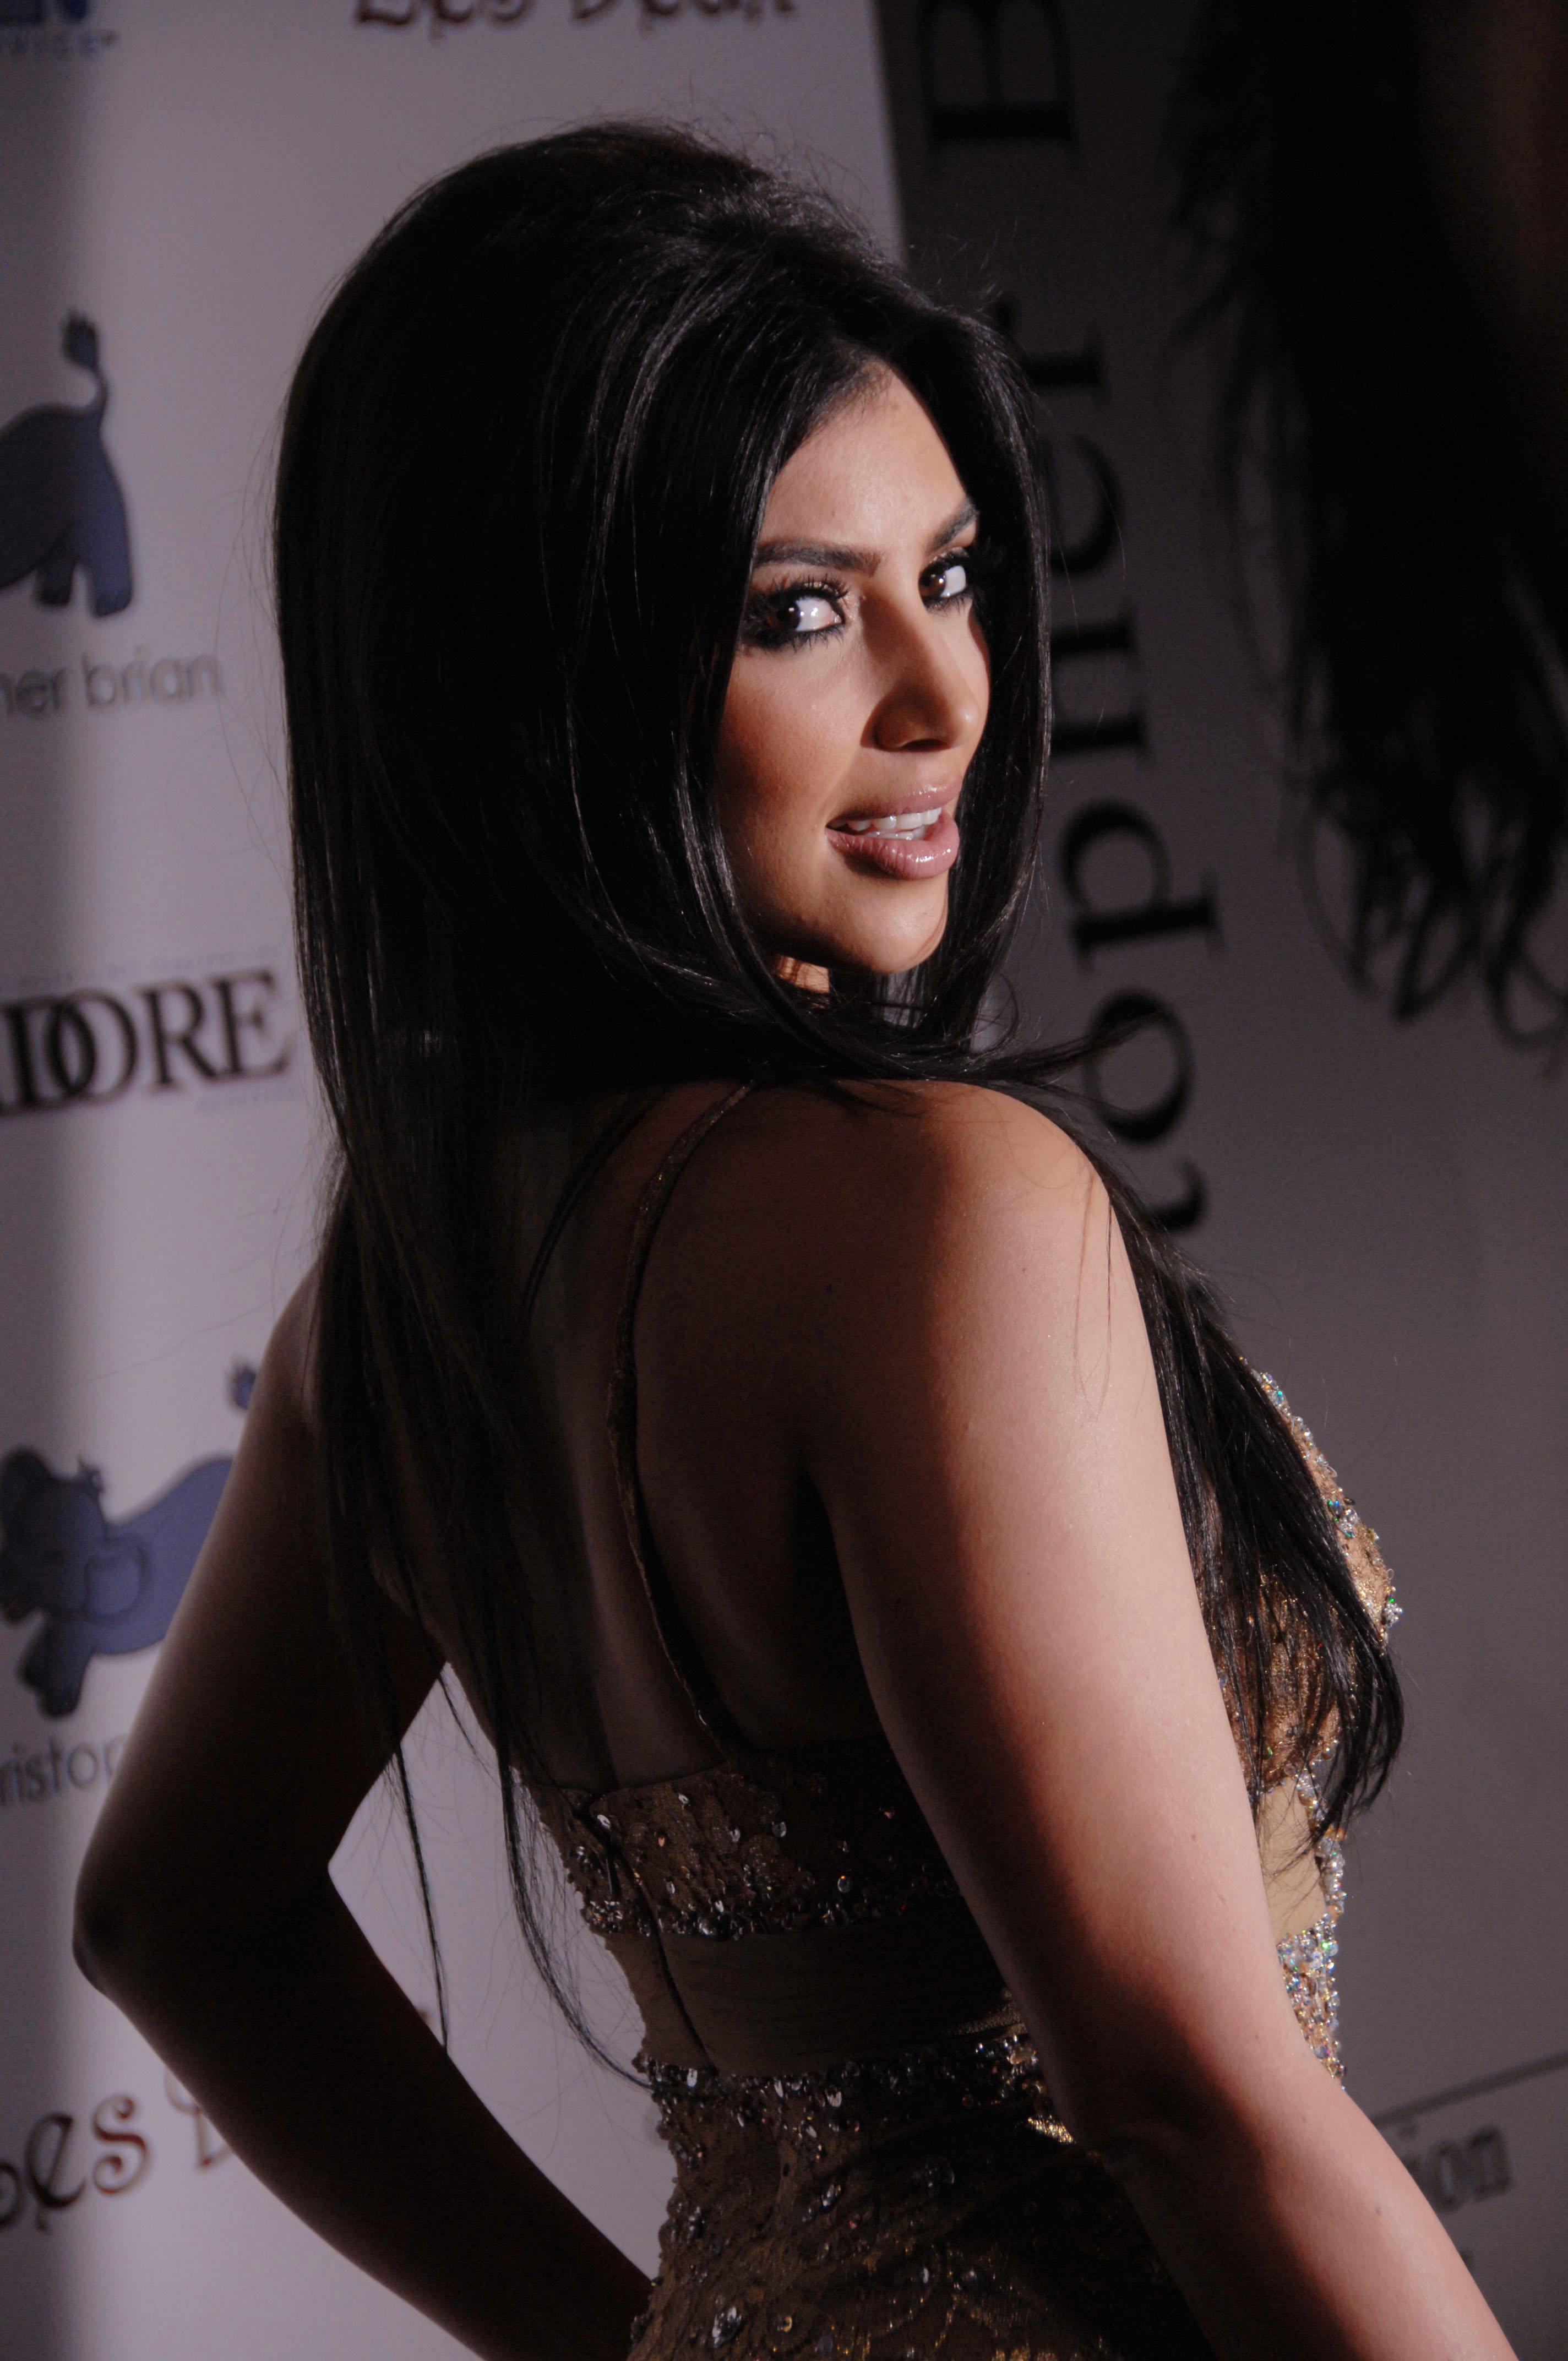 kim kardashian hair. Kim Kardashian: She#39;s a known